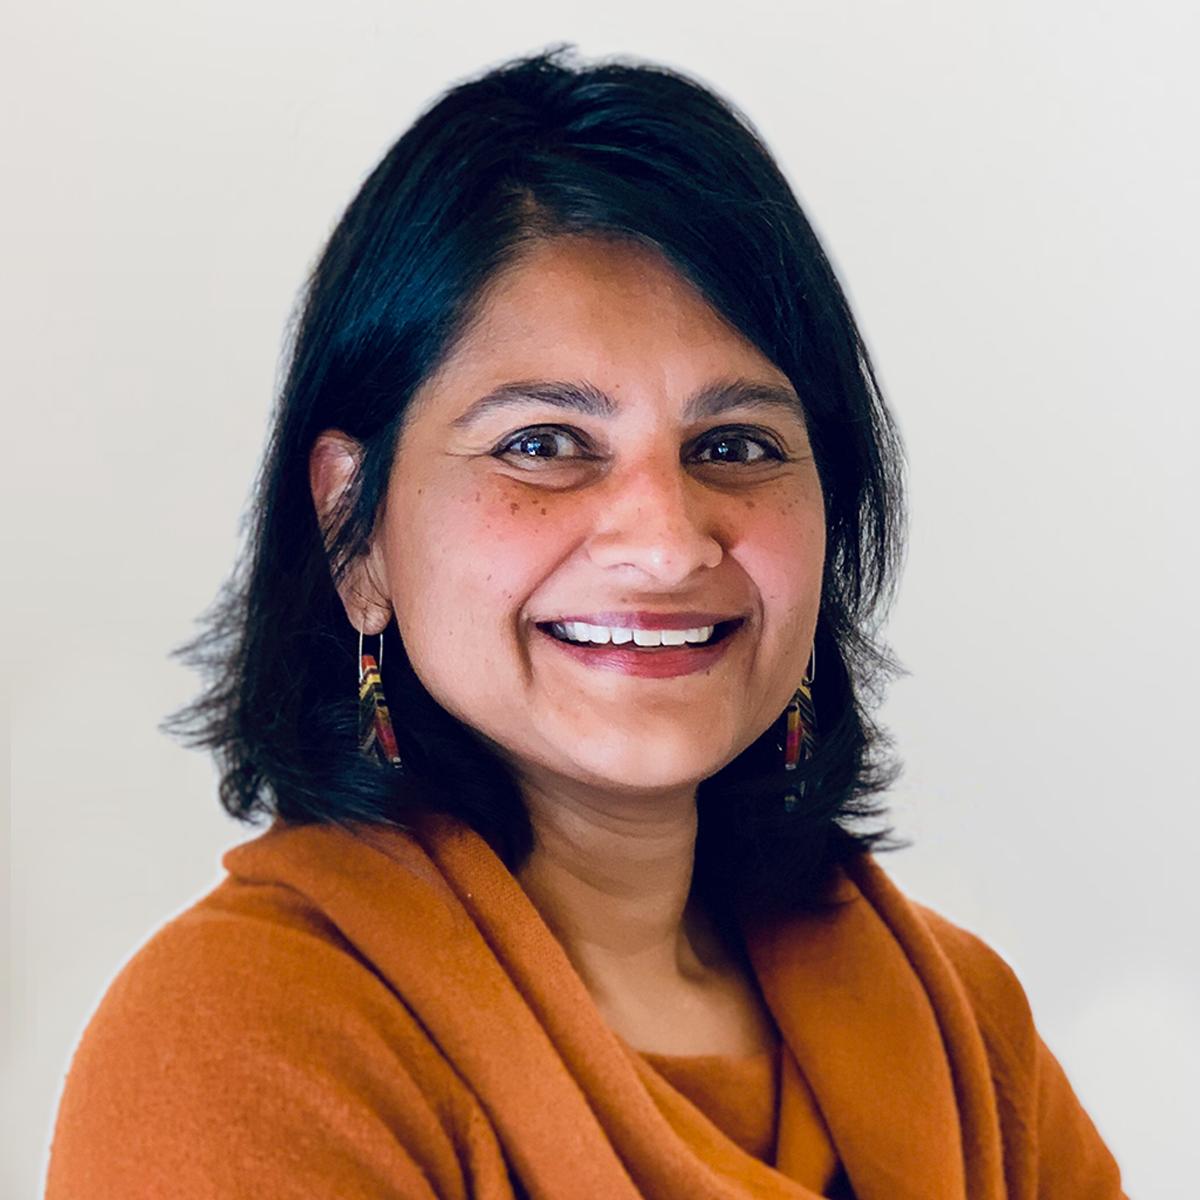 Monique Mehta